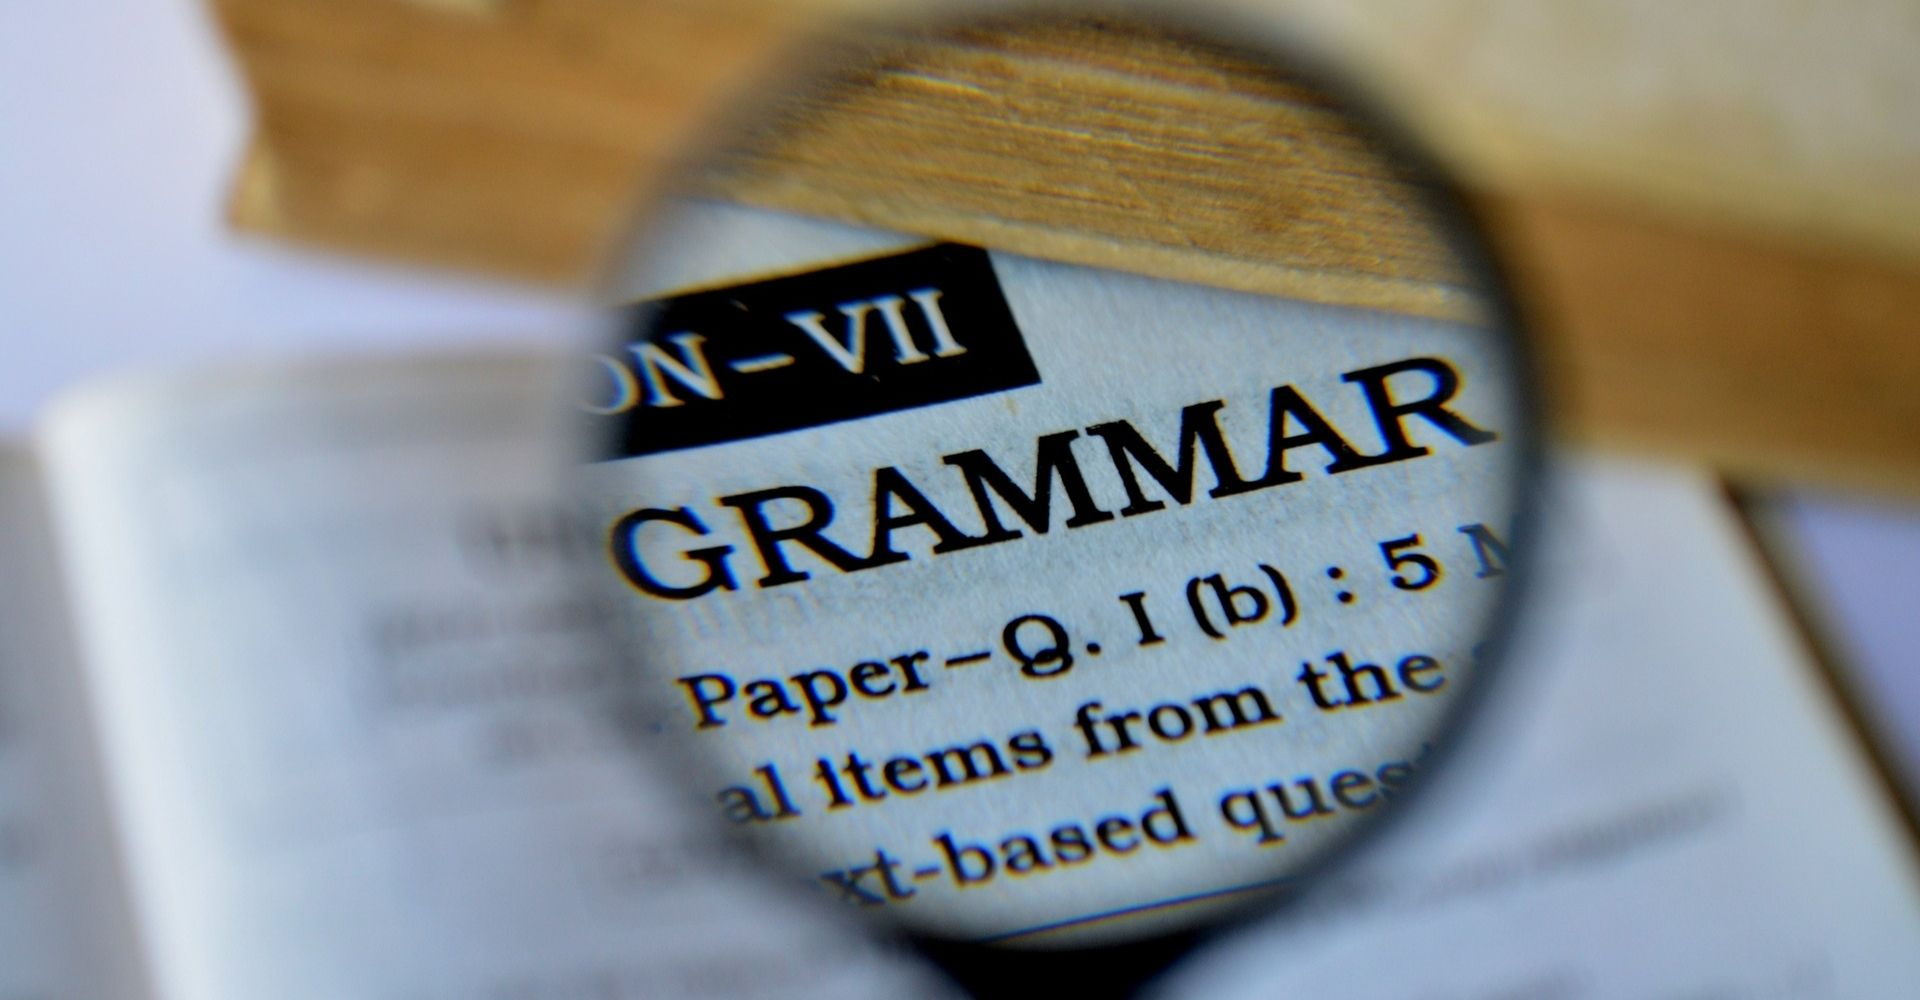 Errori ortografici: quali sono i più comuni e in quali Paesi si correggono più spesso?